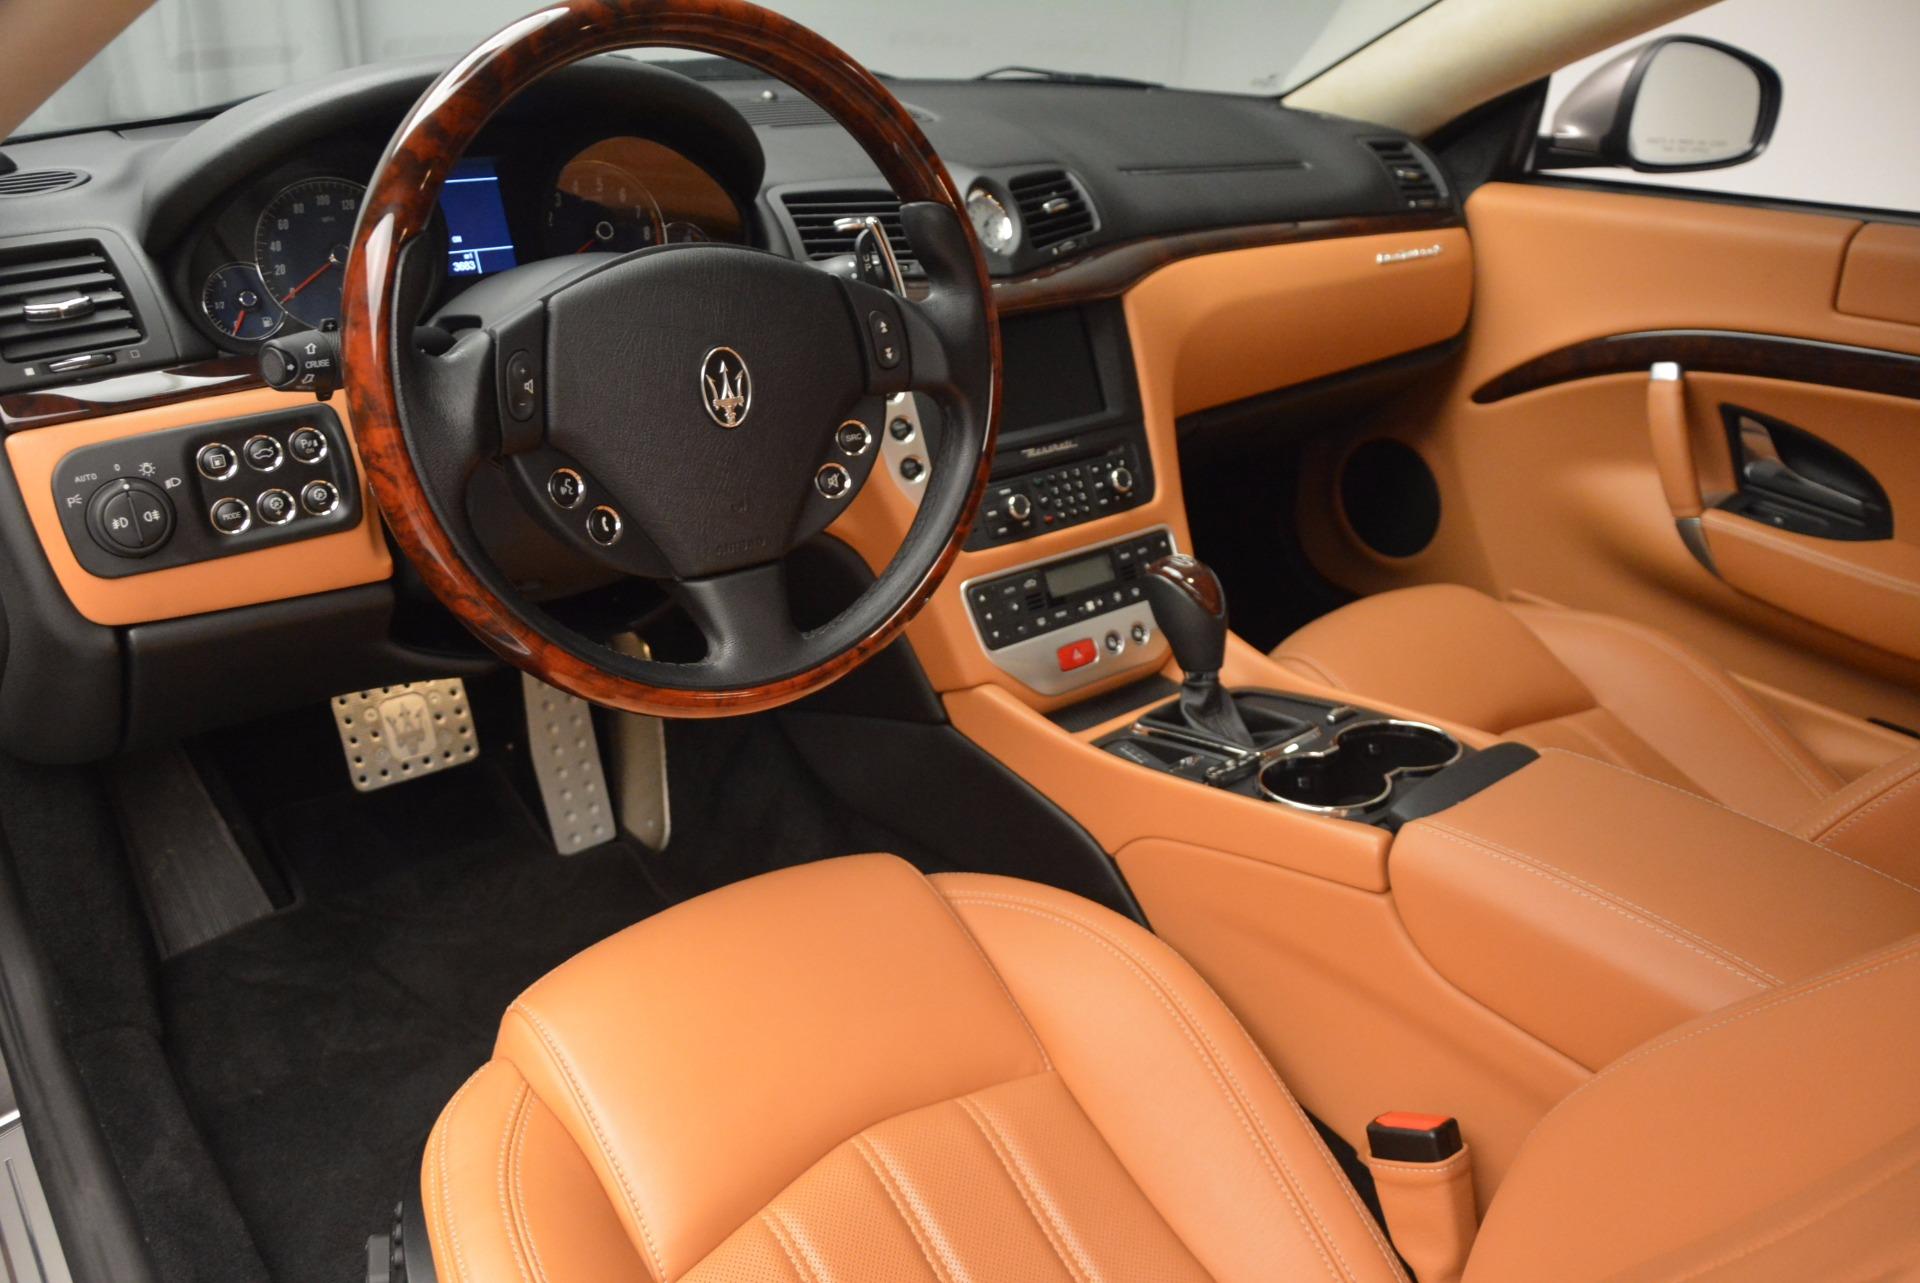 Used 2009 Maserati GranTurismo S For Sale In Greenwich, CT 1063_p13